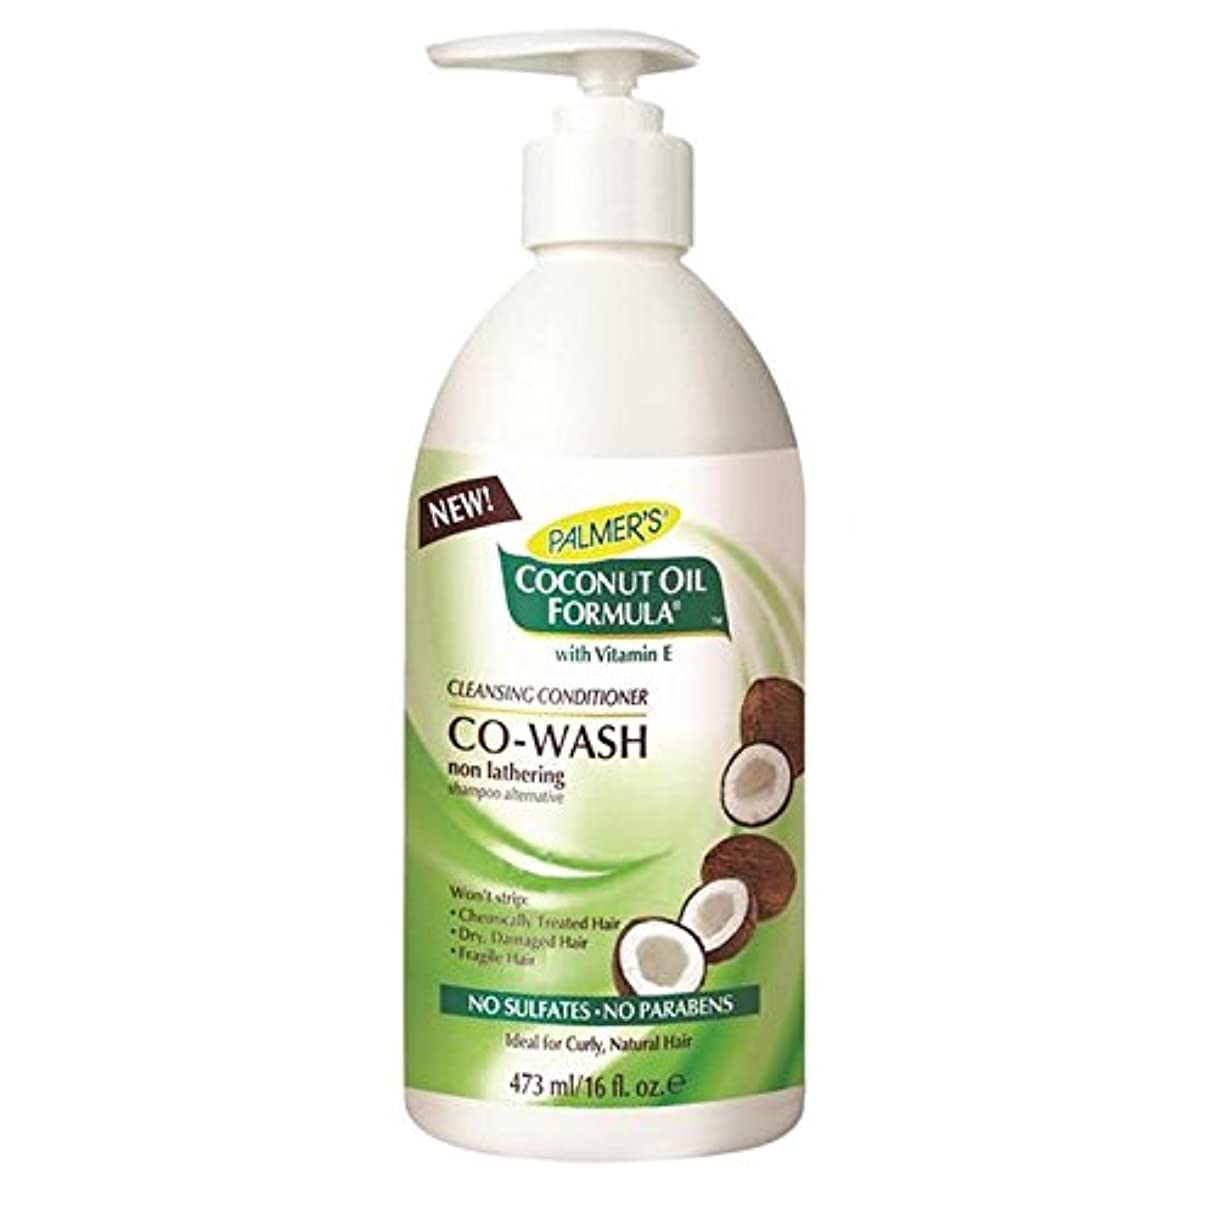 頑張る爆弾チートPalmer's Coconut Formula Co-Wash Cleansing Conditioner, Shampoo Alternative 473ml (Pack of 6) - パーマーのココナッツ式コウォッシュクレンジングコンディショナー、シャンプー代替473ミリリットル x6 [並行輸入品]